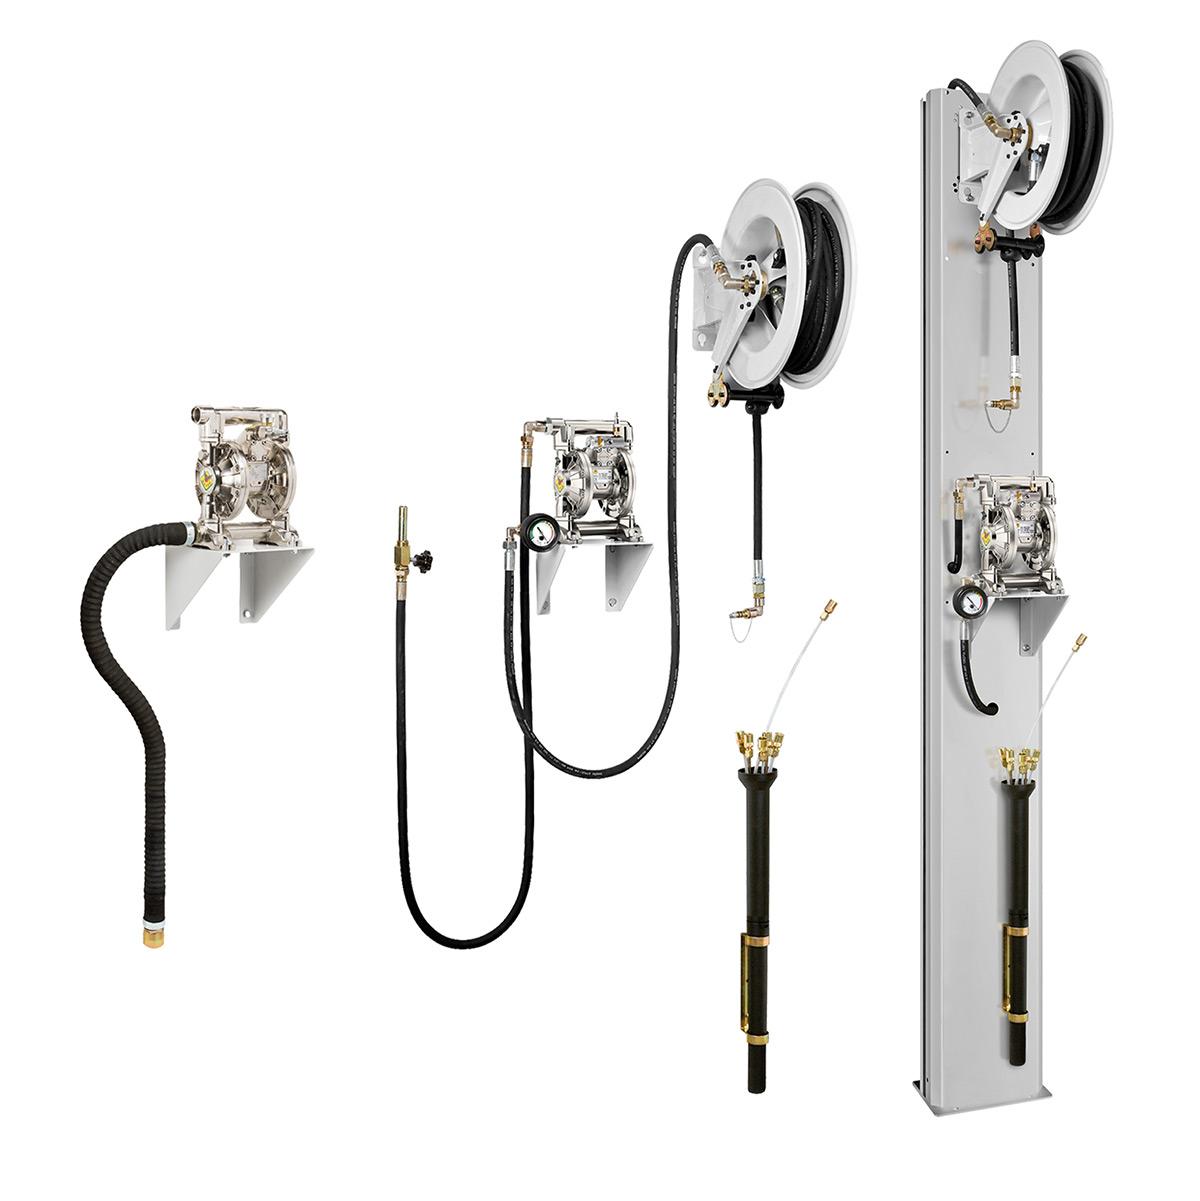 Servisni stubovi i vešalice za distribuciju fluida